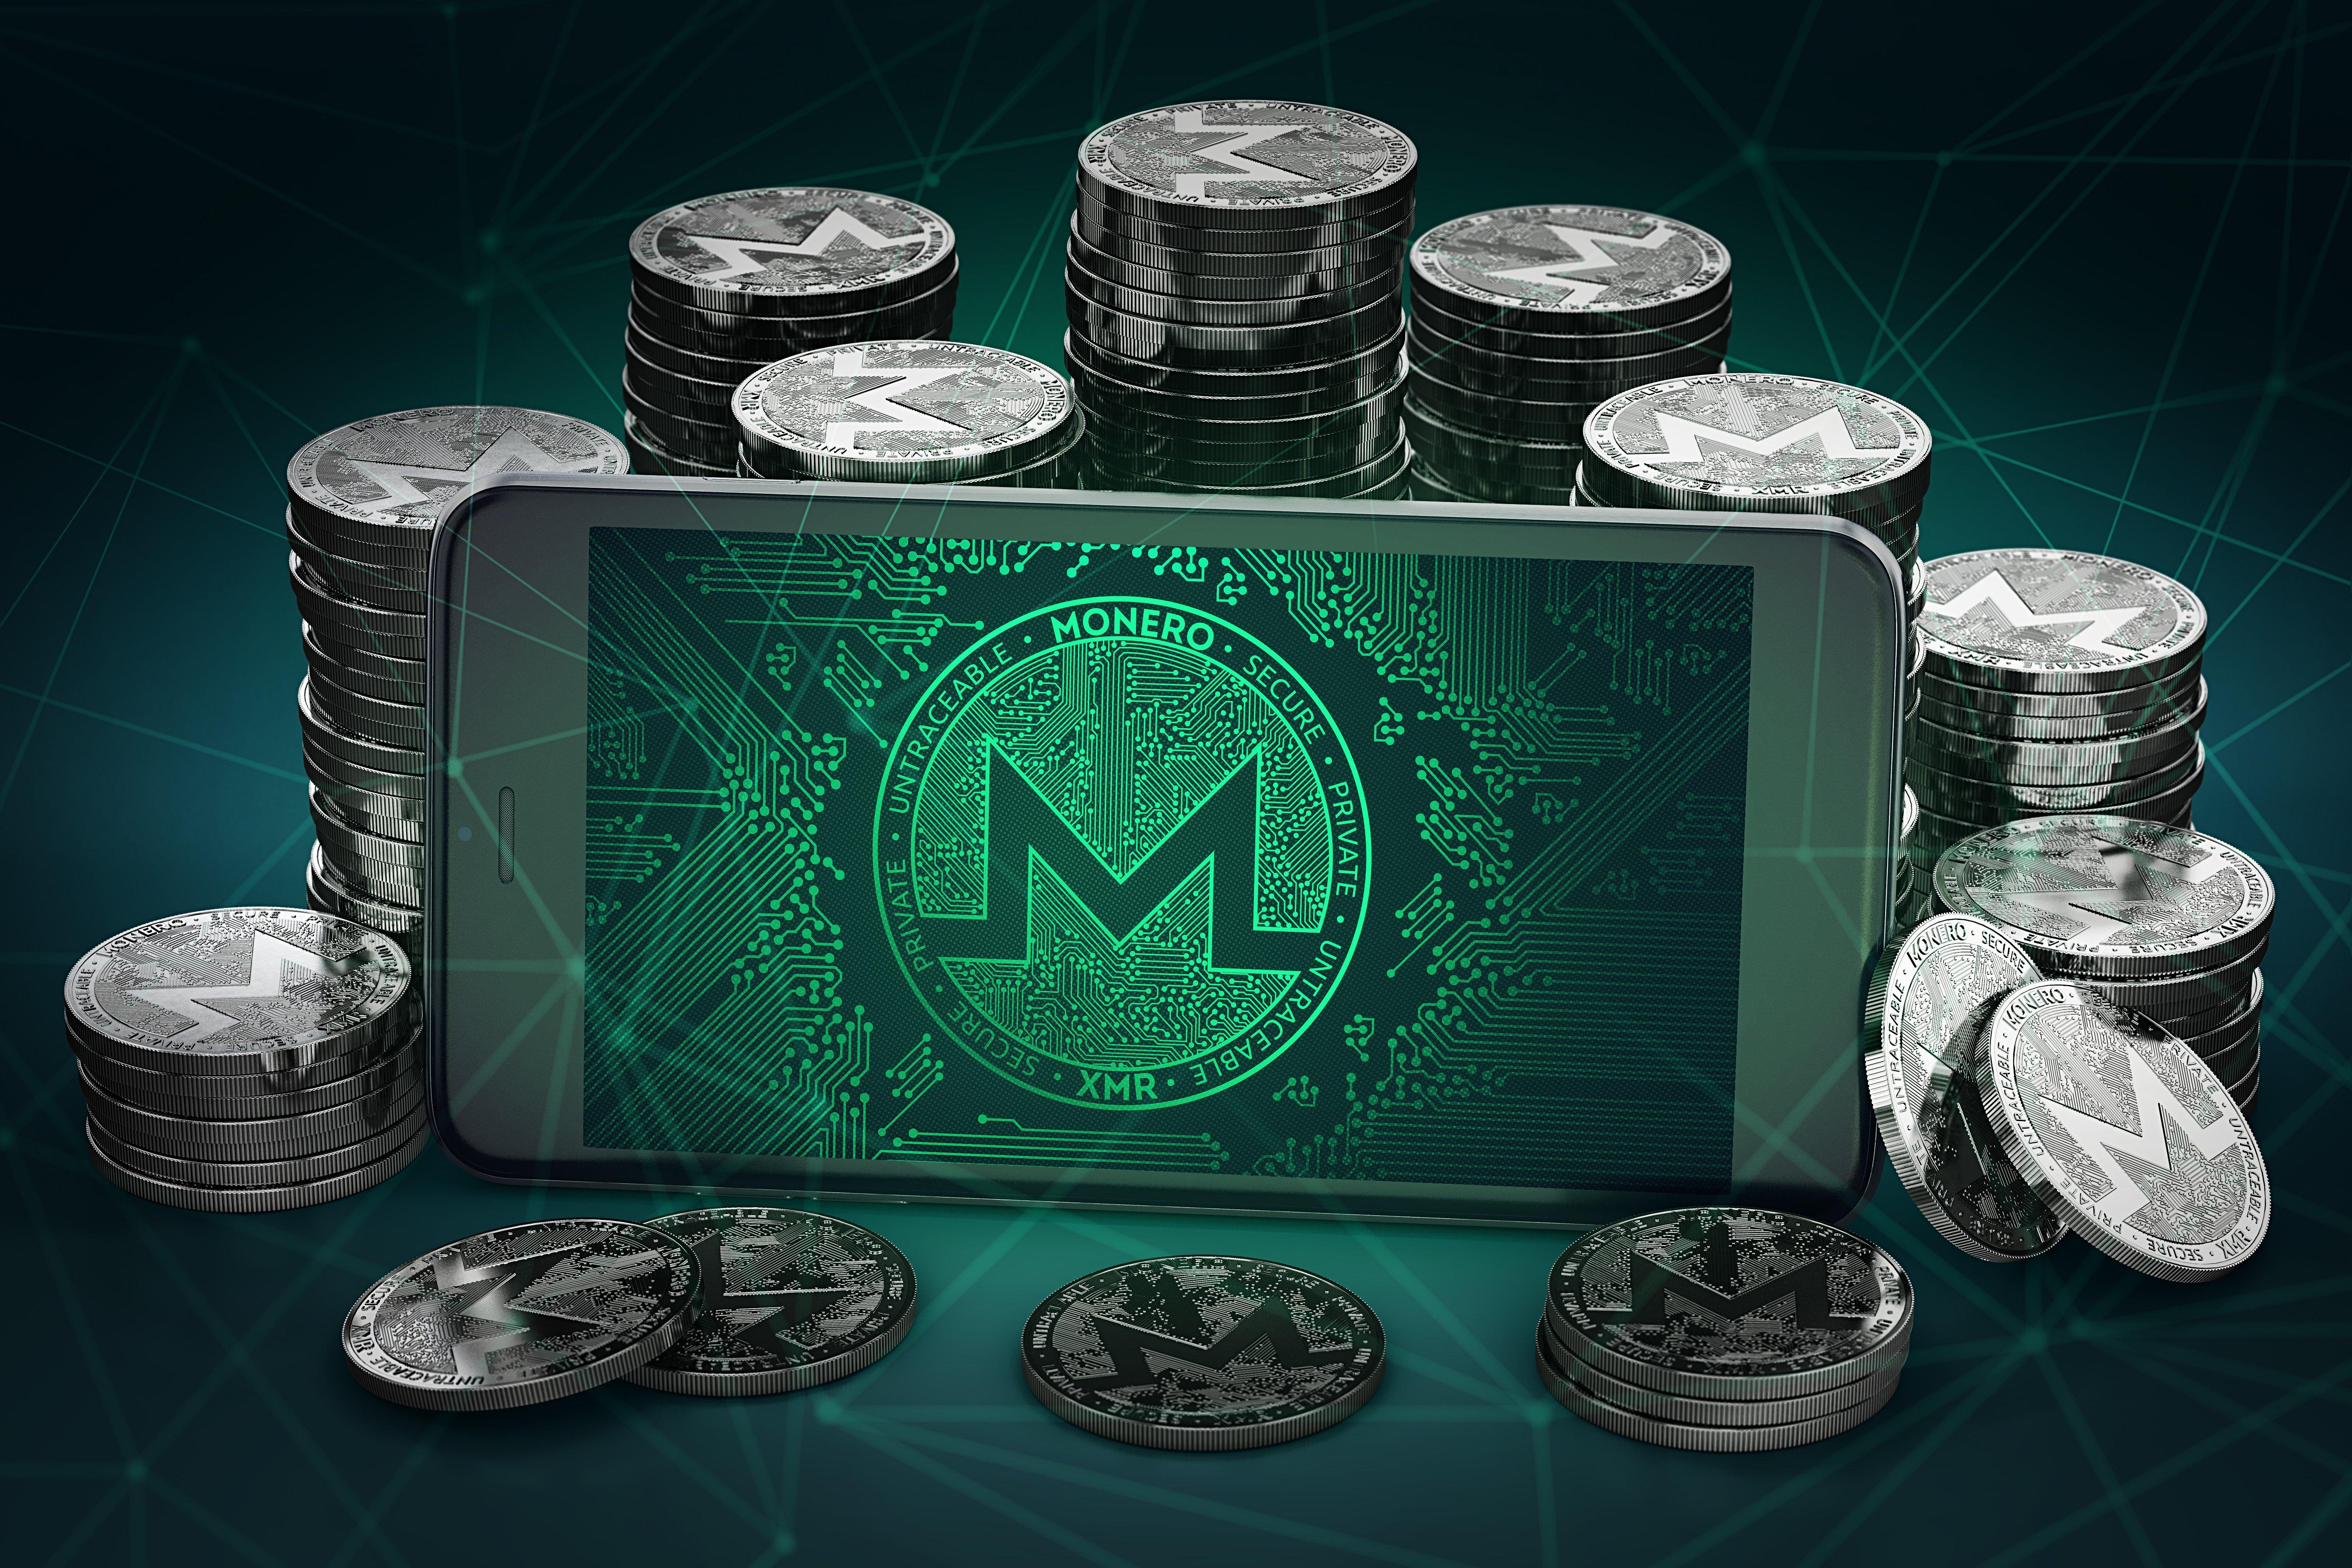 monero logo on smartphone